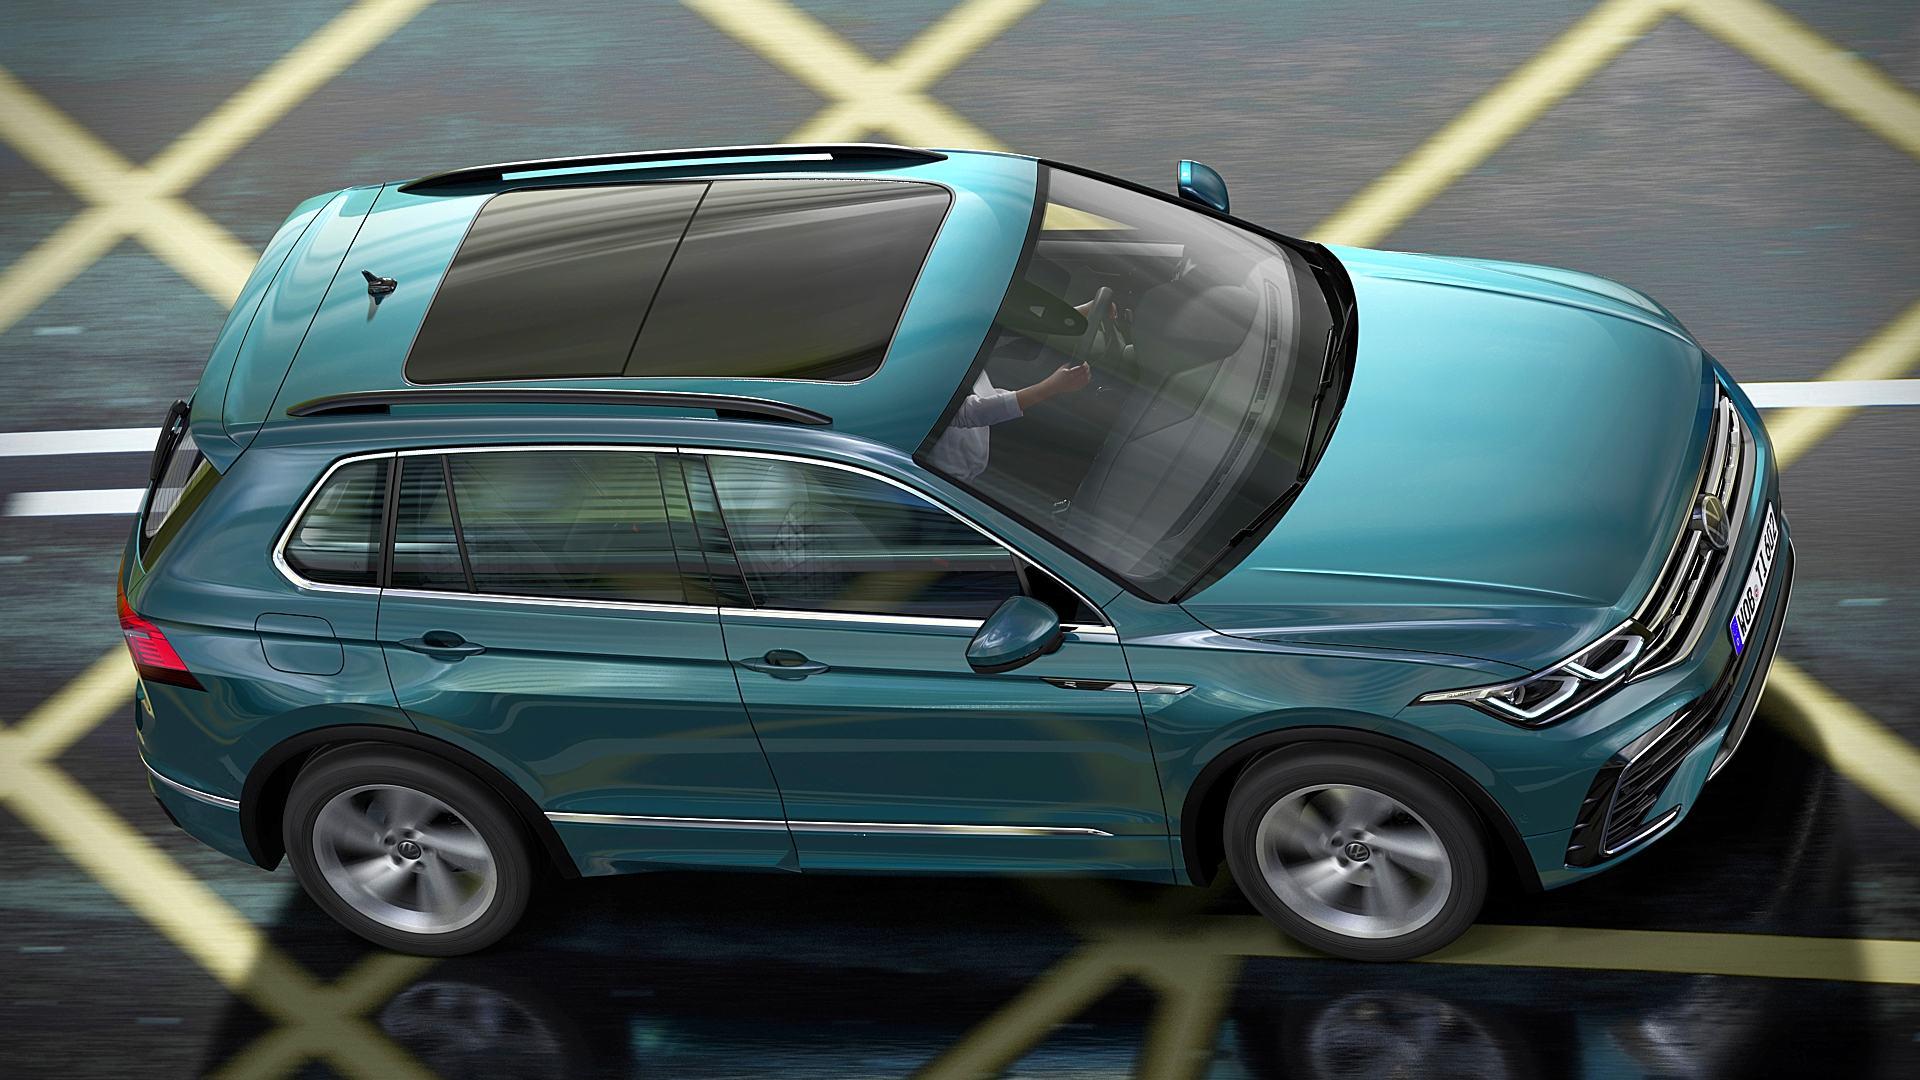 2021 VW Tiguan R Line Images